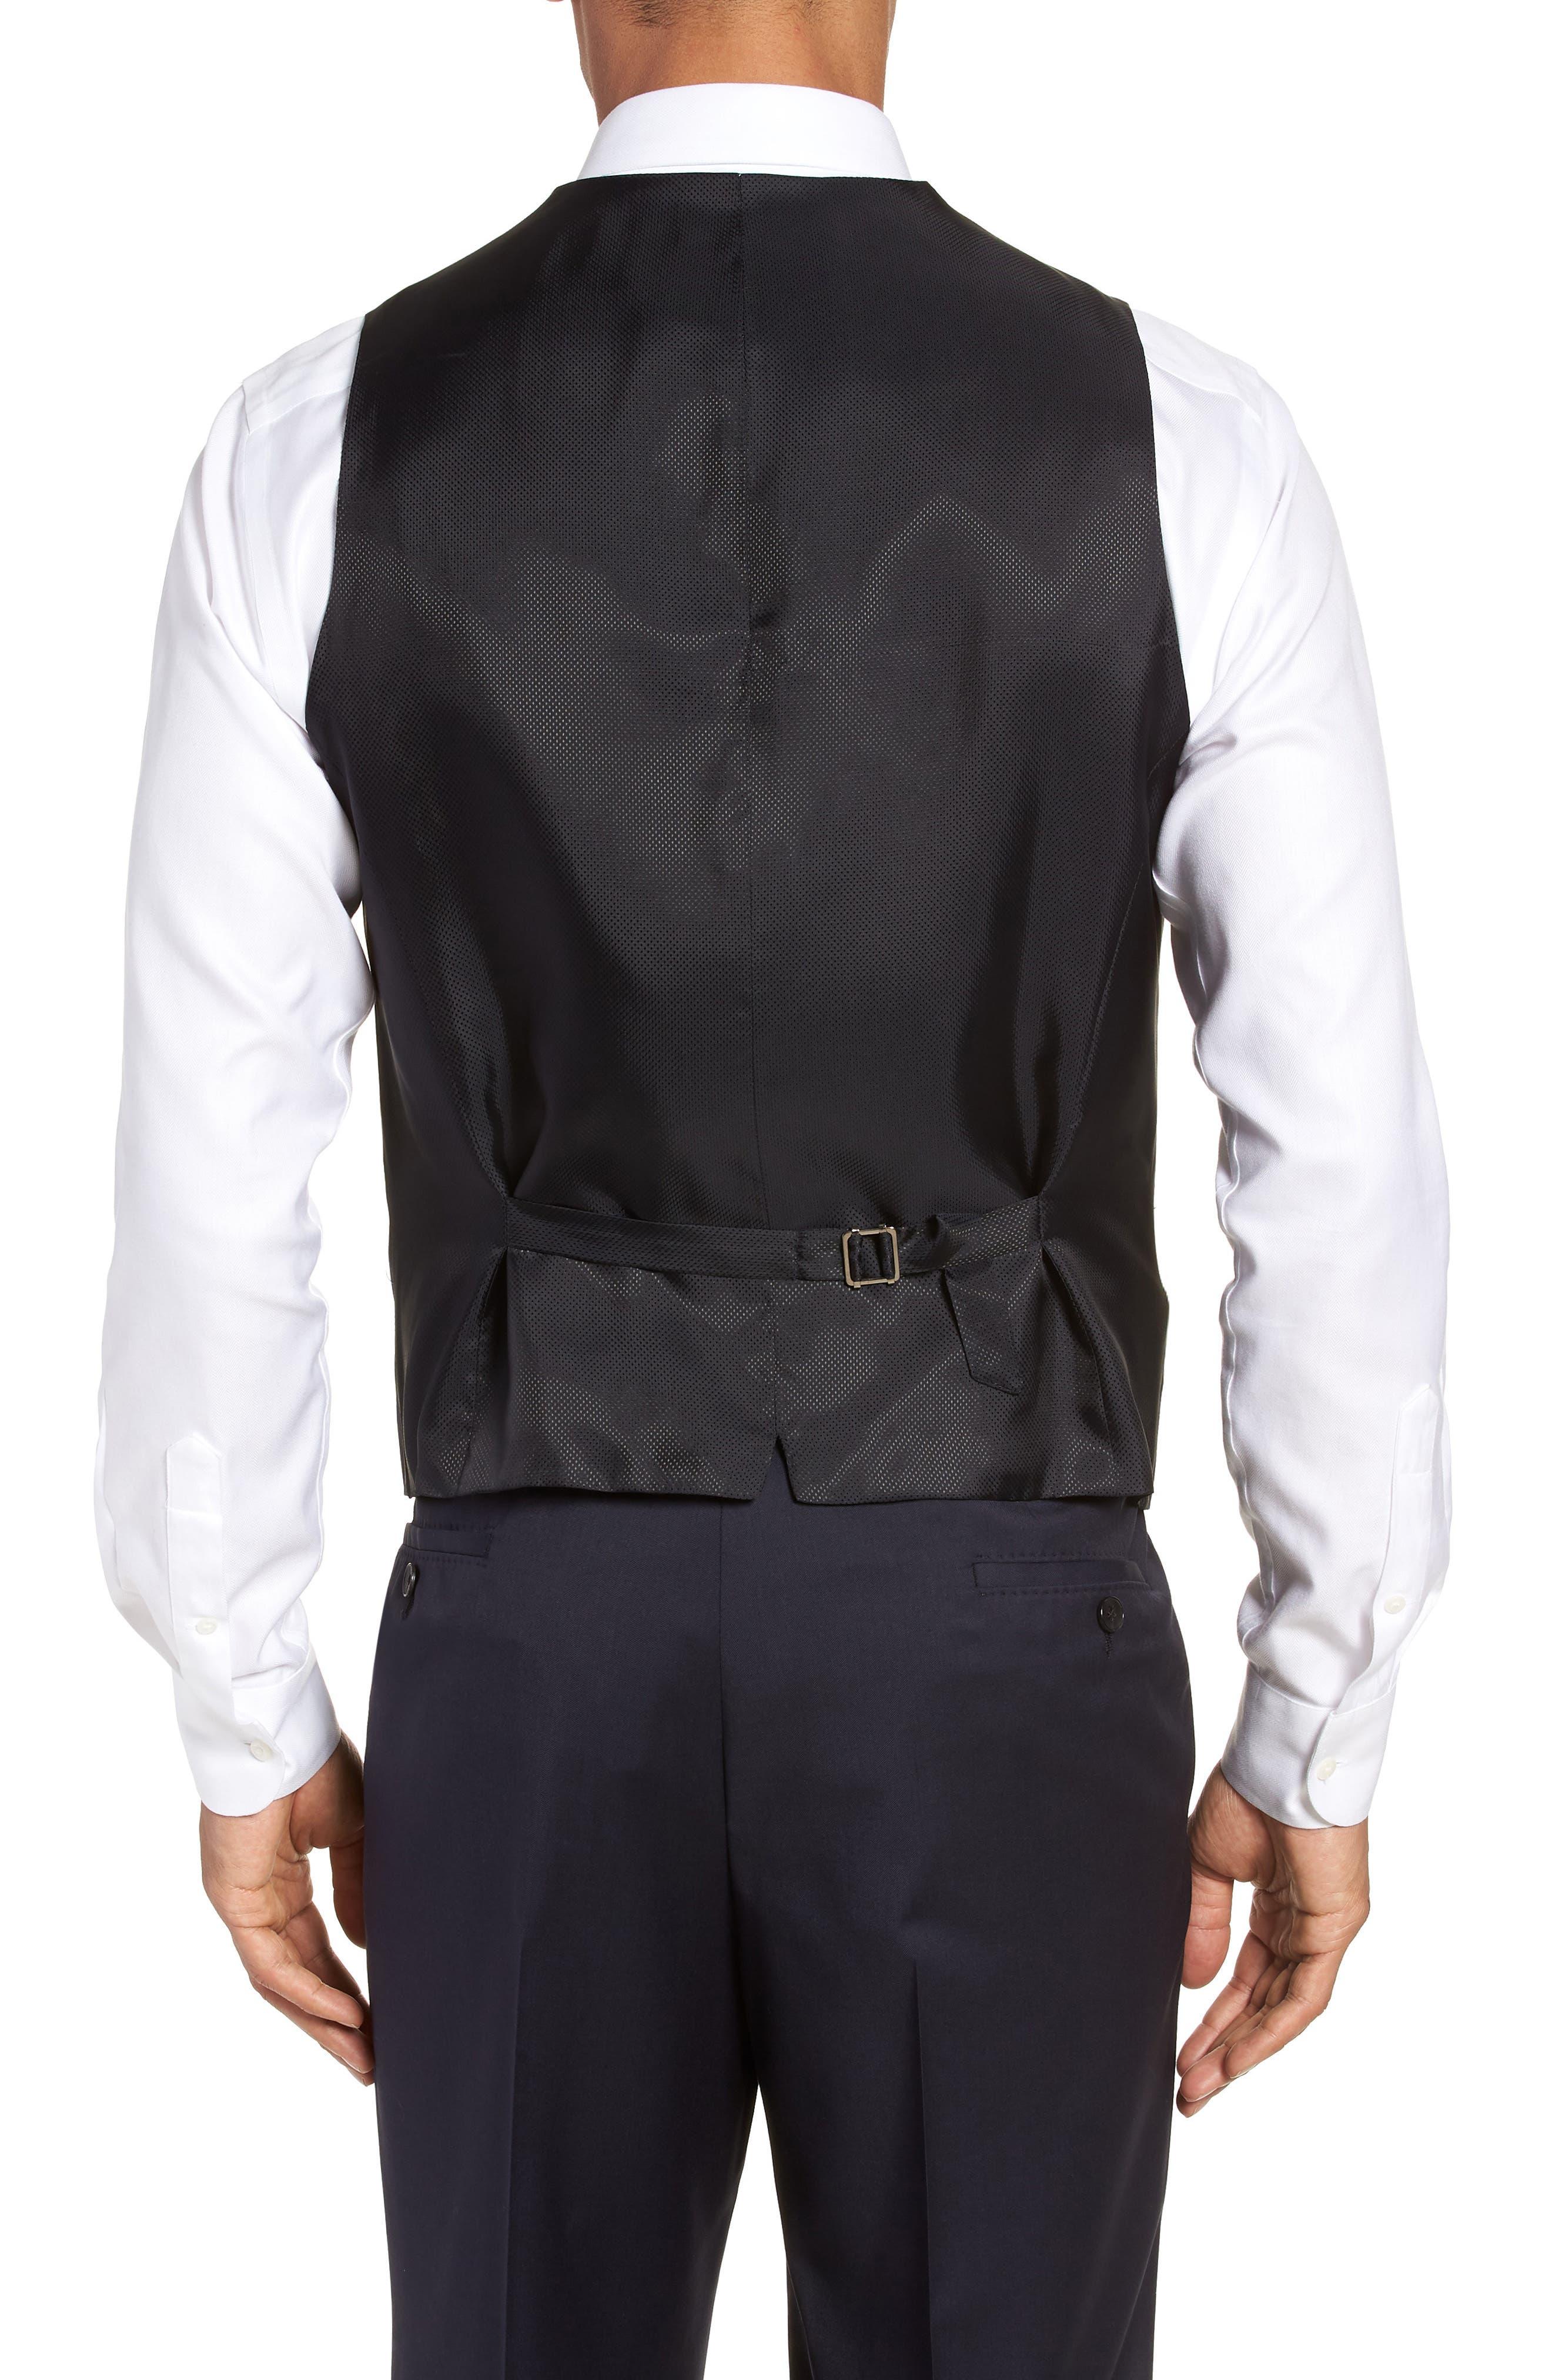 Wilson CYL Trim Fit Vest,                             Alternate thumbnail 2, color,                             Dark Blue